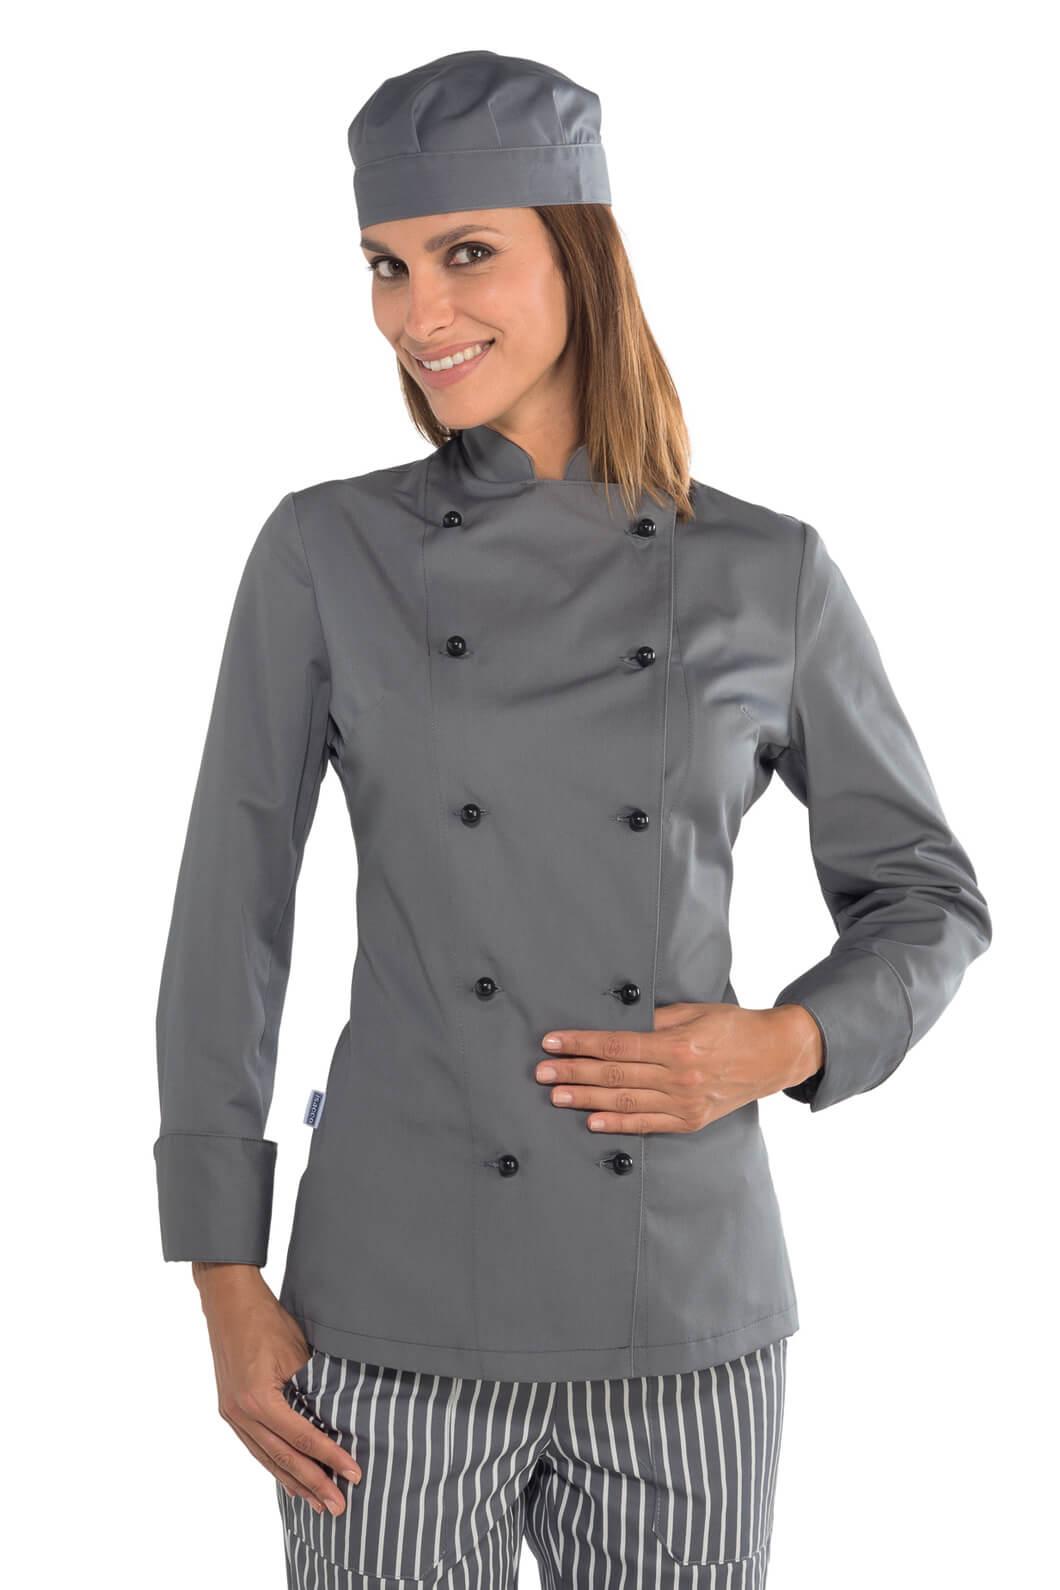 Mylookpro Grise Lady Cuisine Vêtement De Chef Veste wqaSgxYY